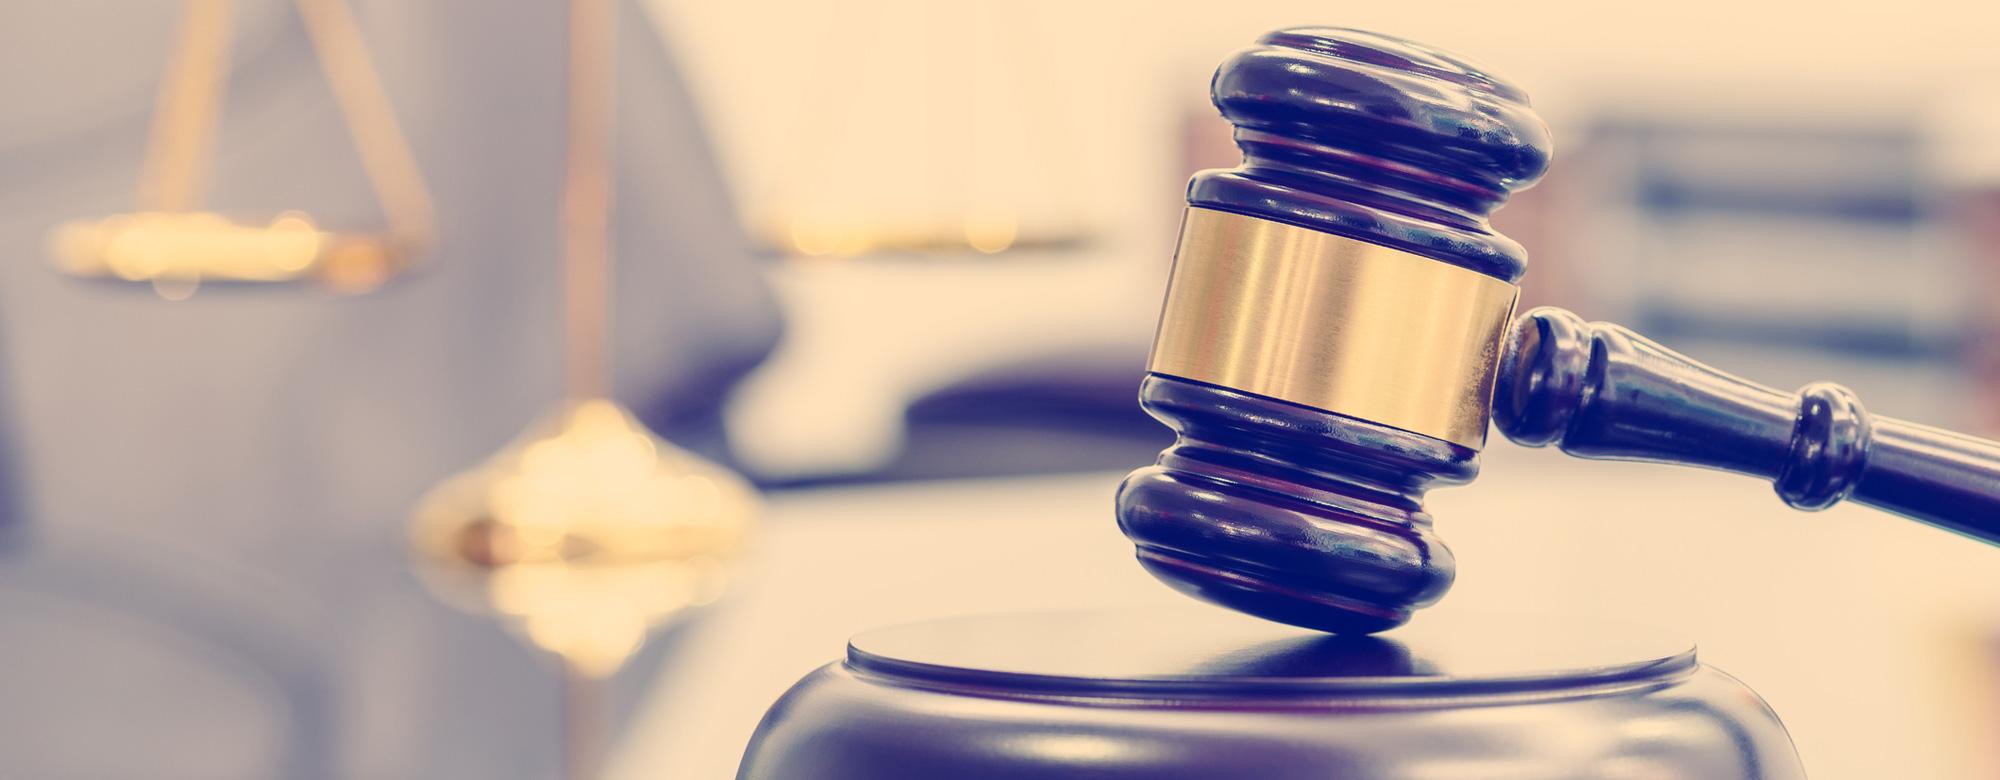 """Convertito in Legge il Decreto """"Agosto"""": ammortizzatori sociali, lavoro agile e contratto a termine"""